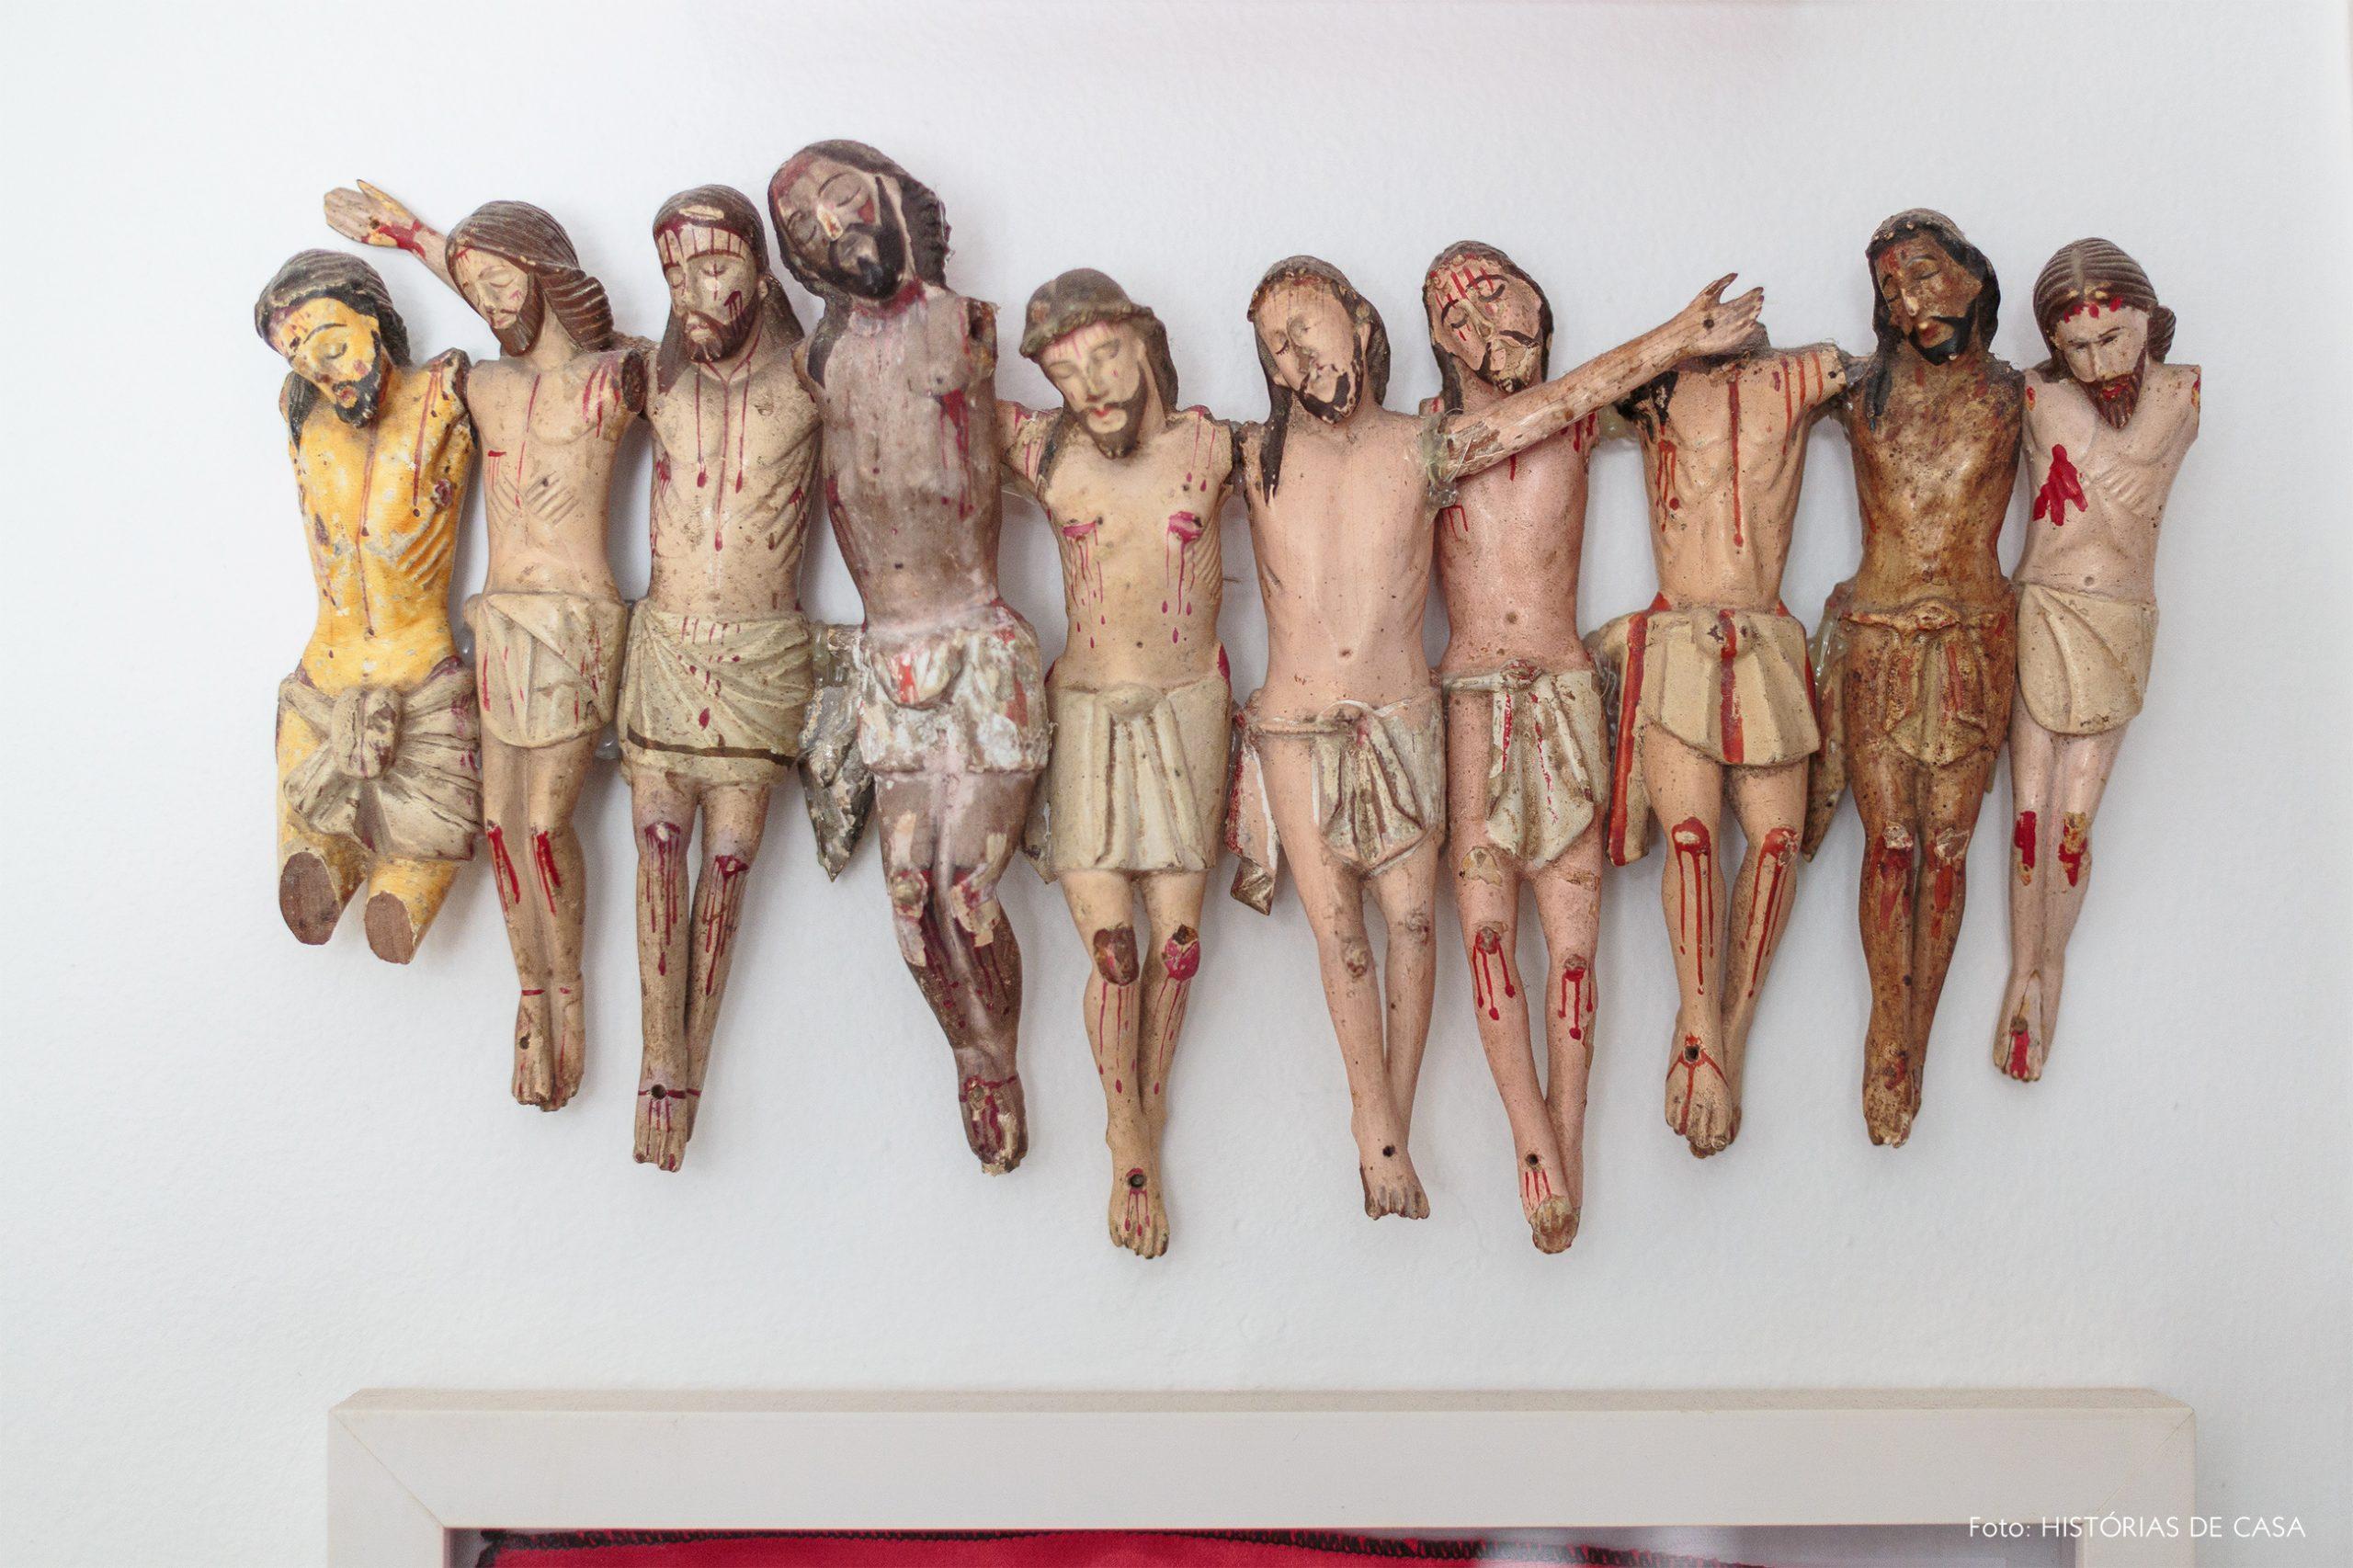 decoração objetos religiosos cristo na parede